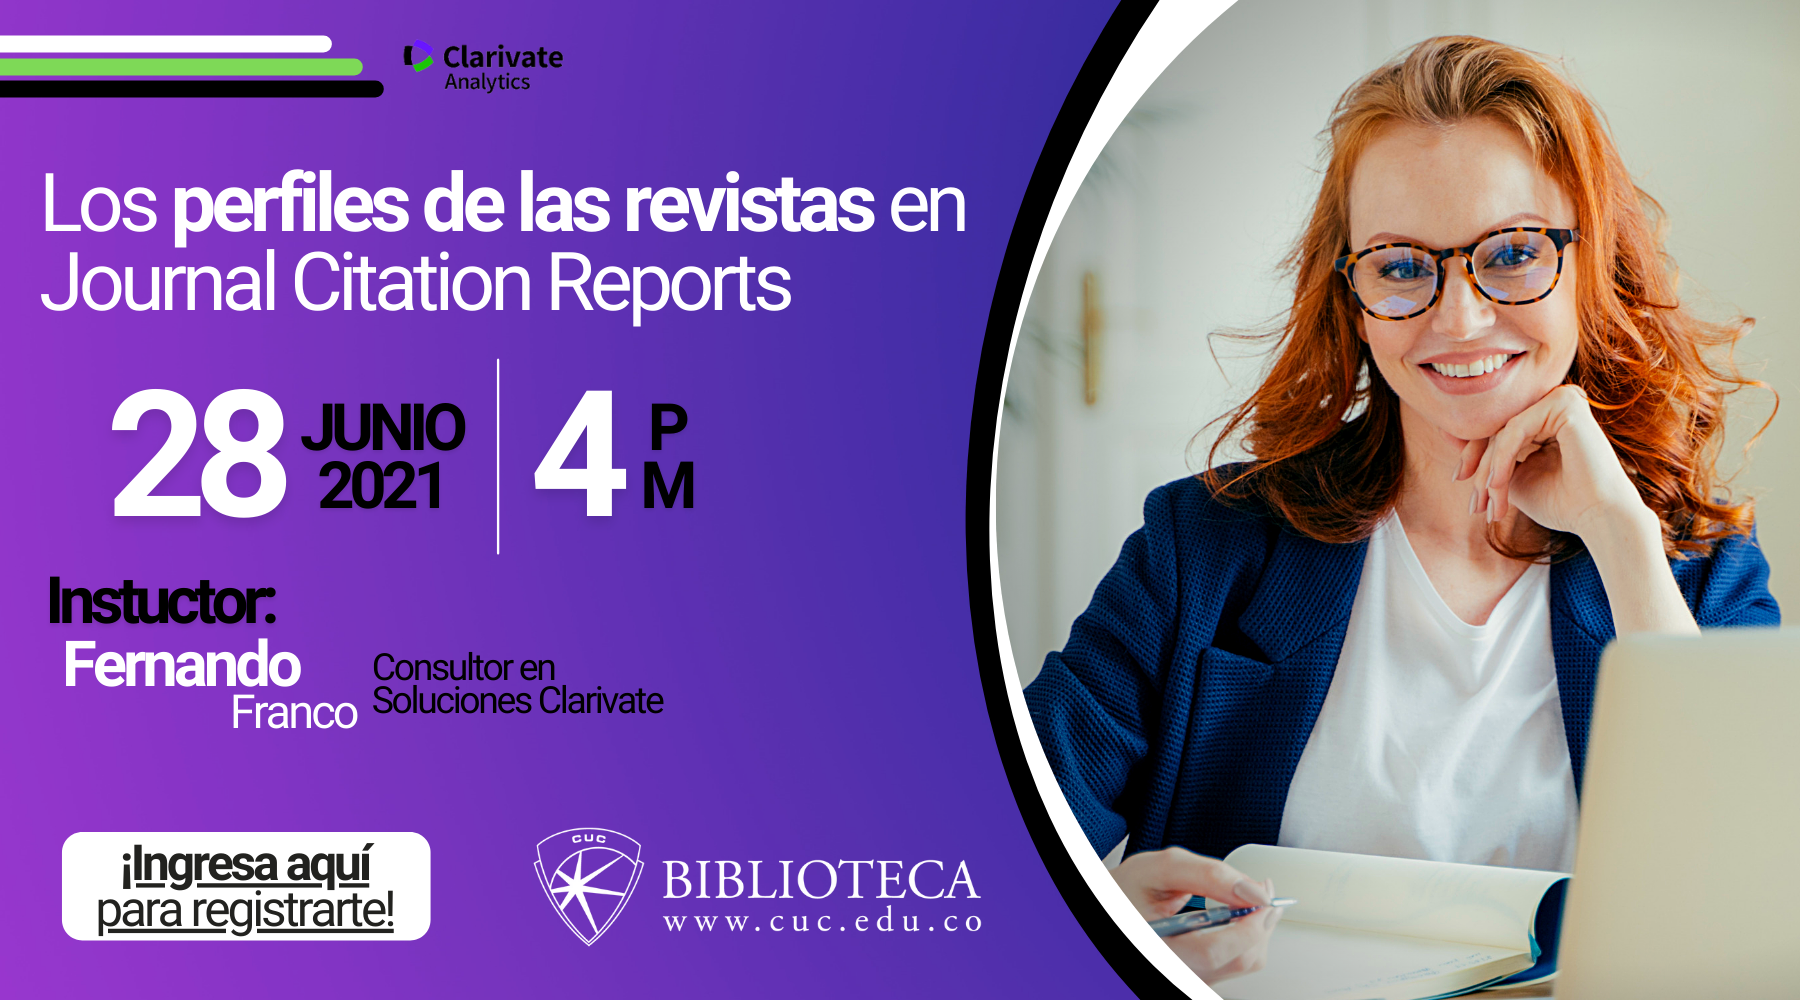 Los perfiles de las revistas en Journal Citation Reports